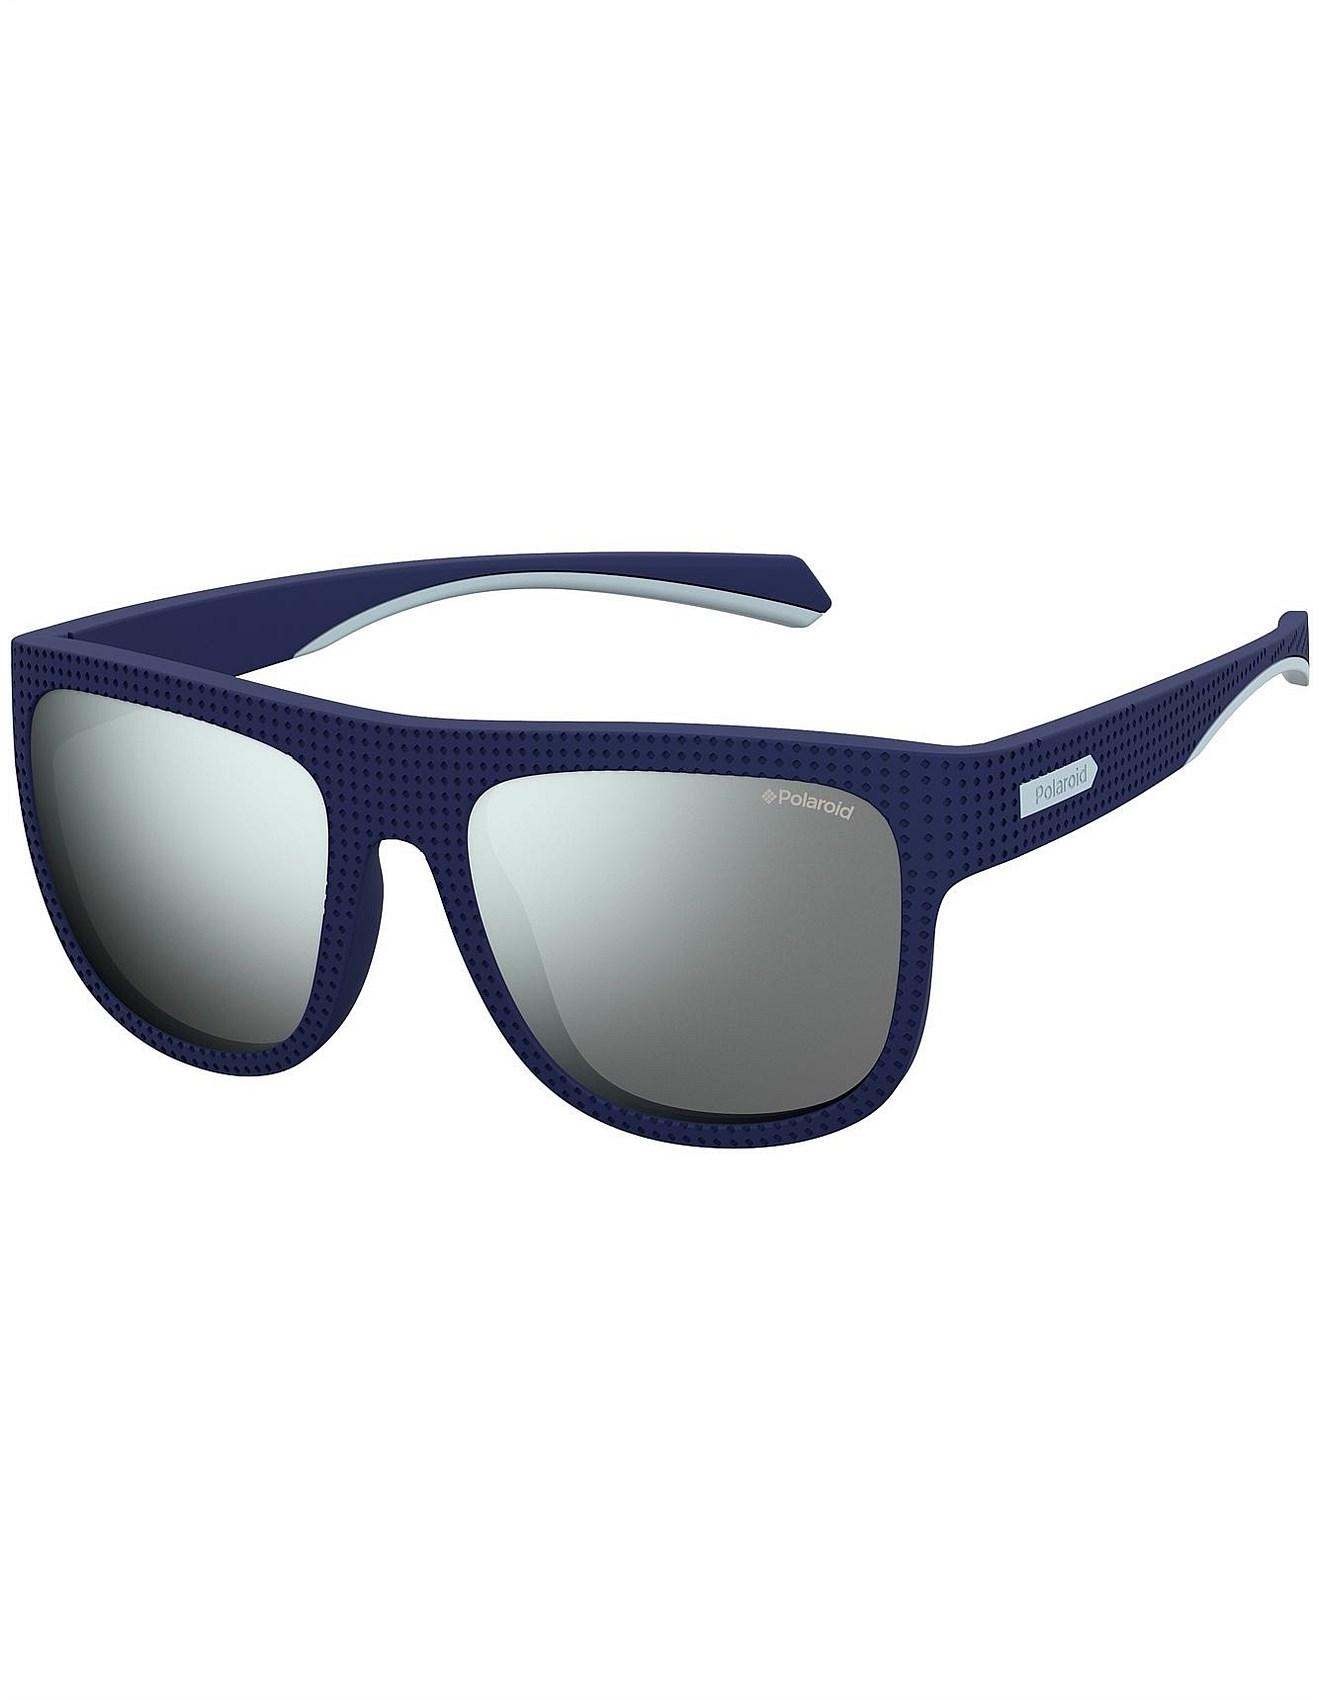 99d4fece55 Men s Square Sunglasses